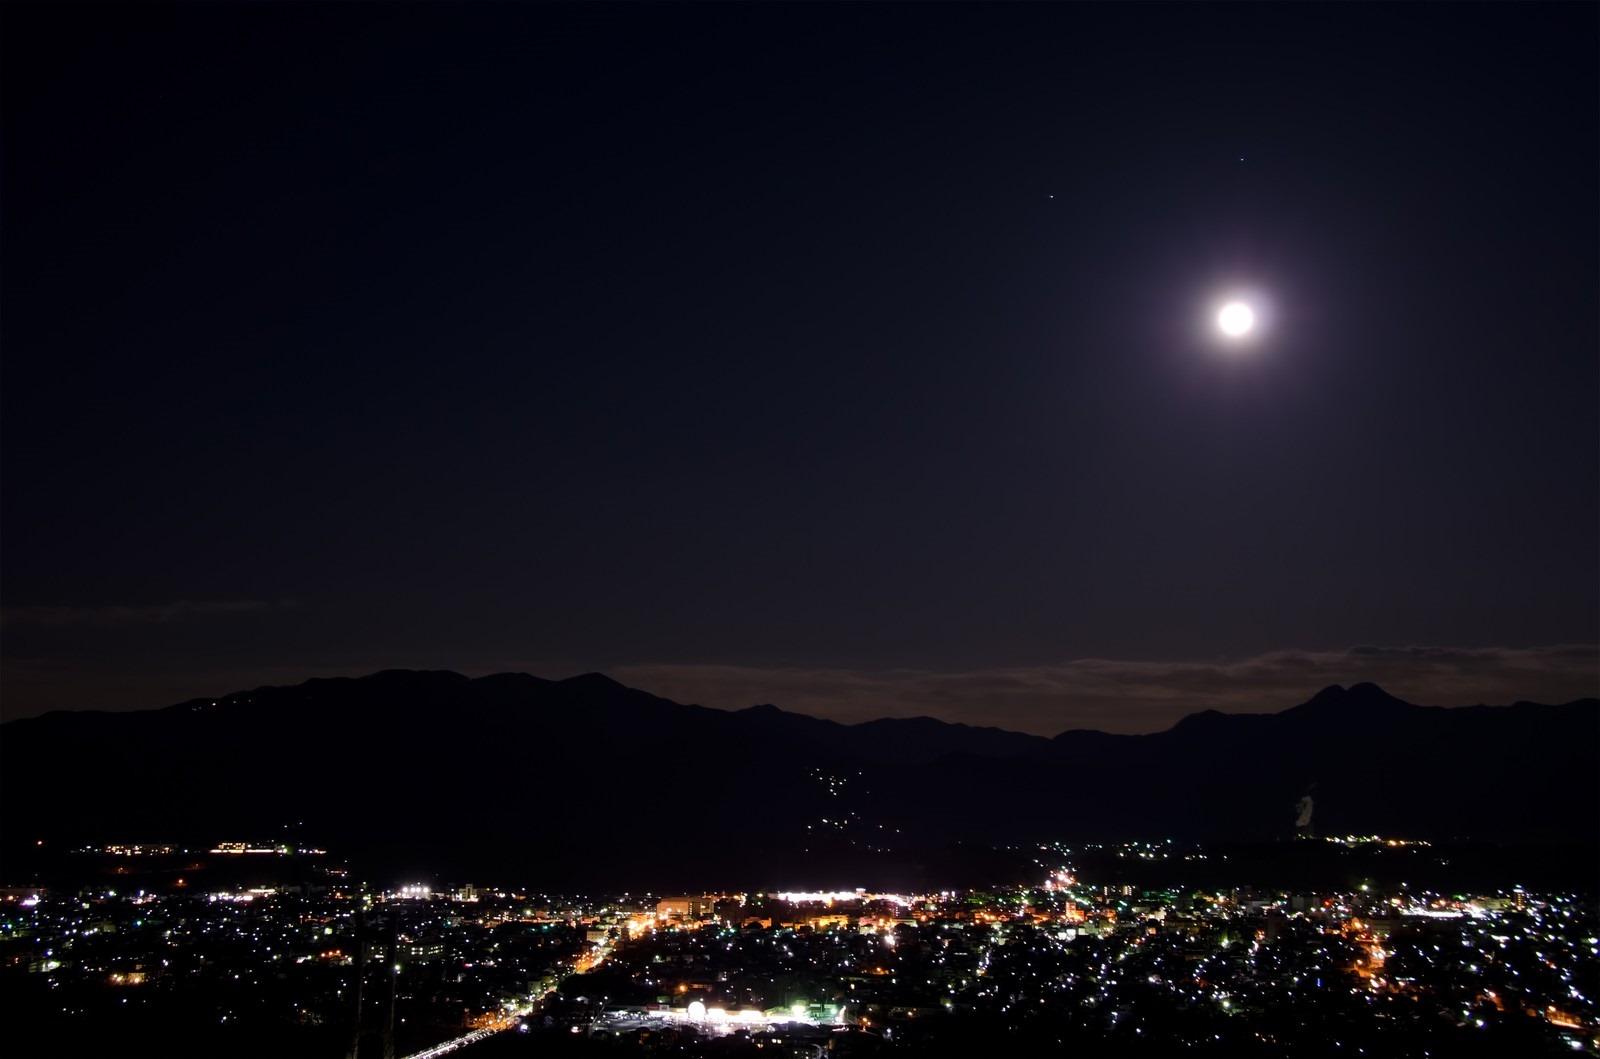 2018年『12月9日』16時ごろまで!【いて座新月】にお願い事をして幸せになる方法!【カルロッタの新月ワークおまじない】